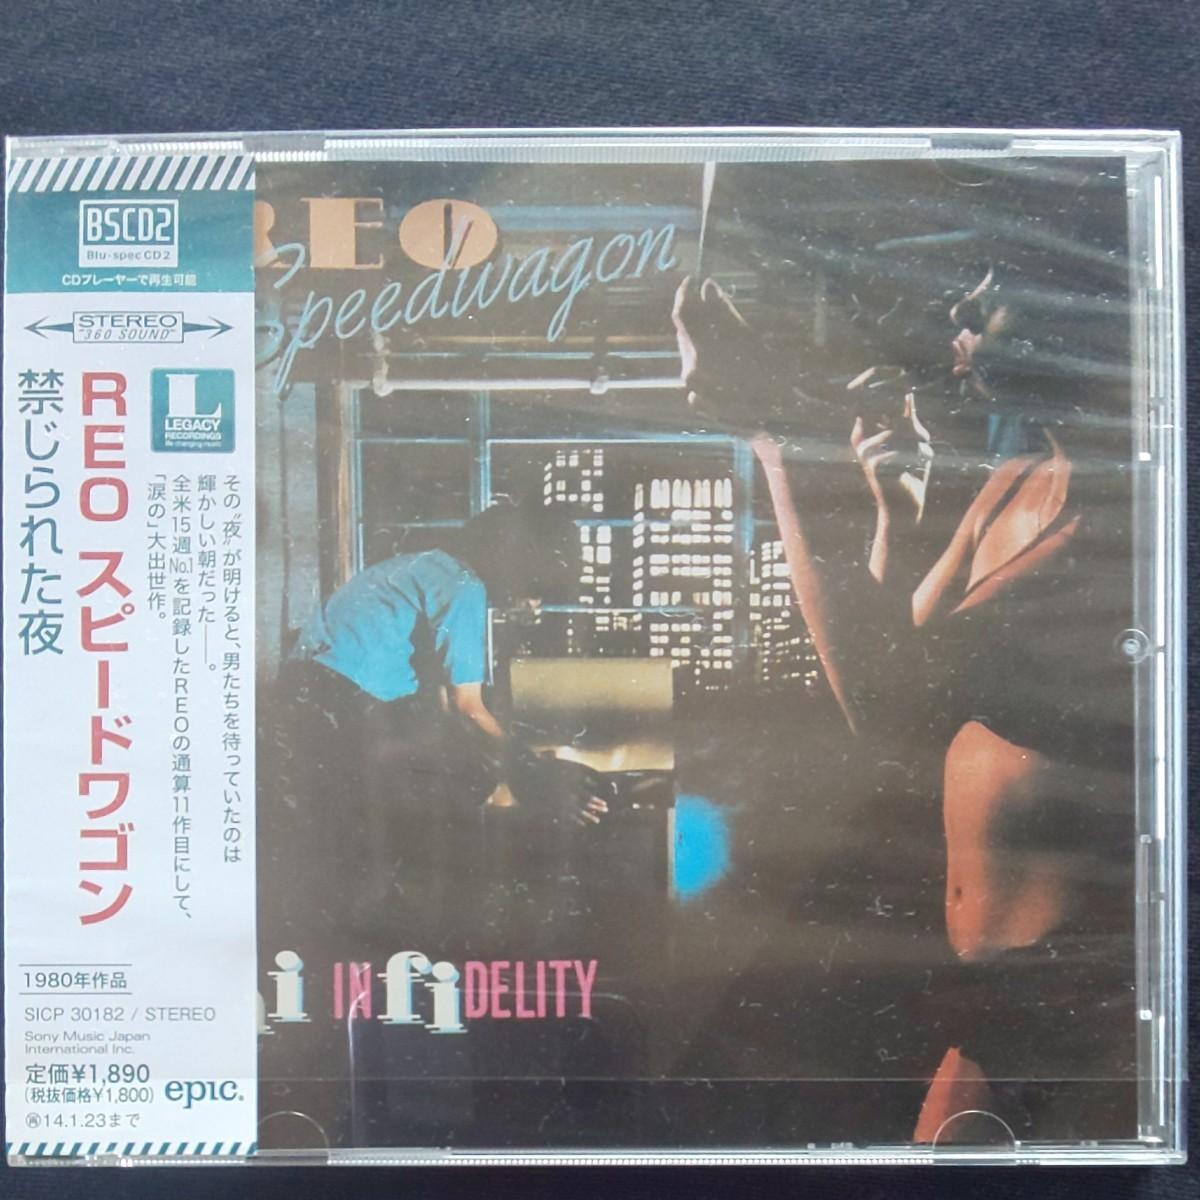 ○帯付き国内盤   Blu-spec  CD○   REOスピードワゴン / 禁じられた夜